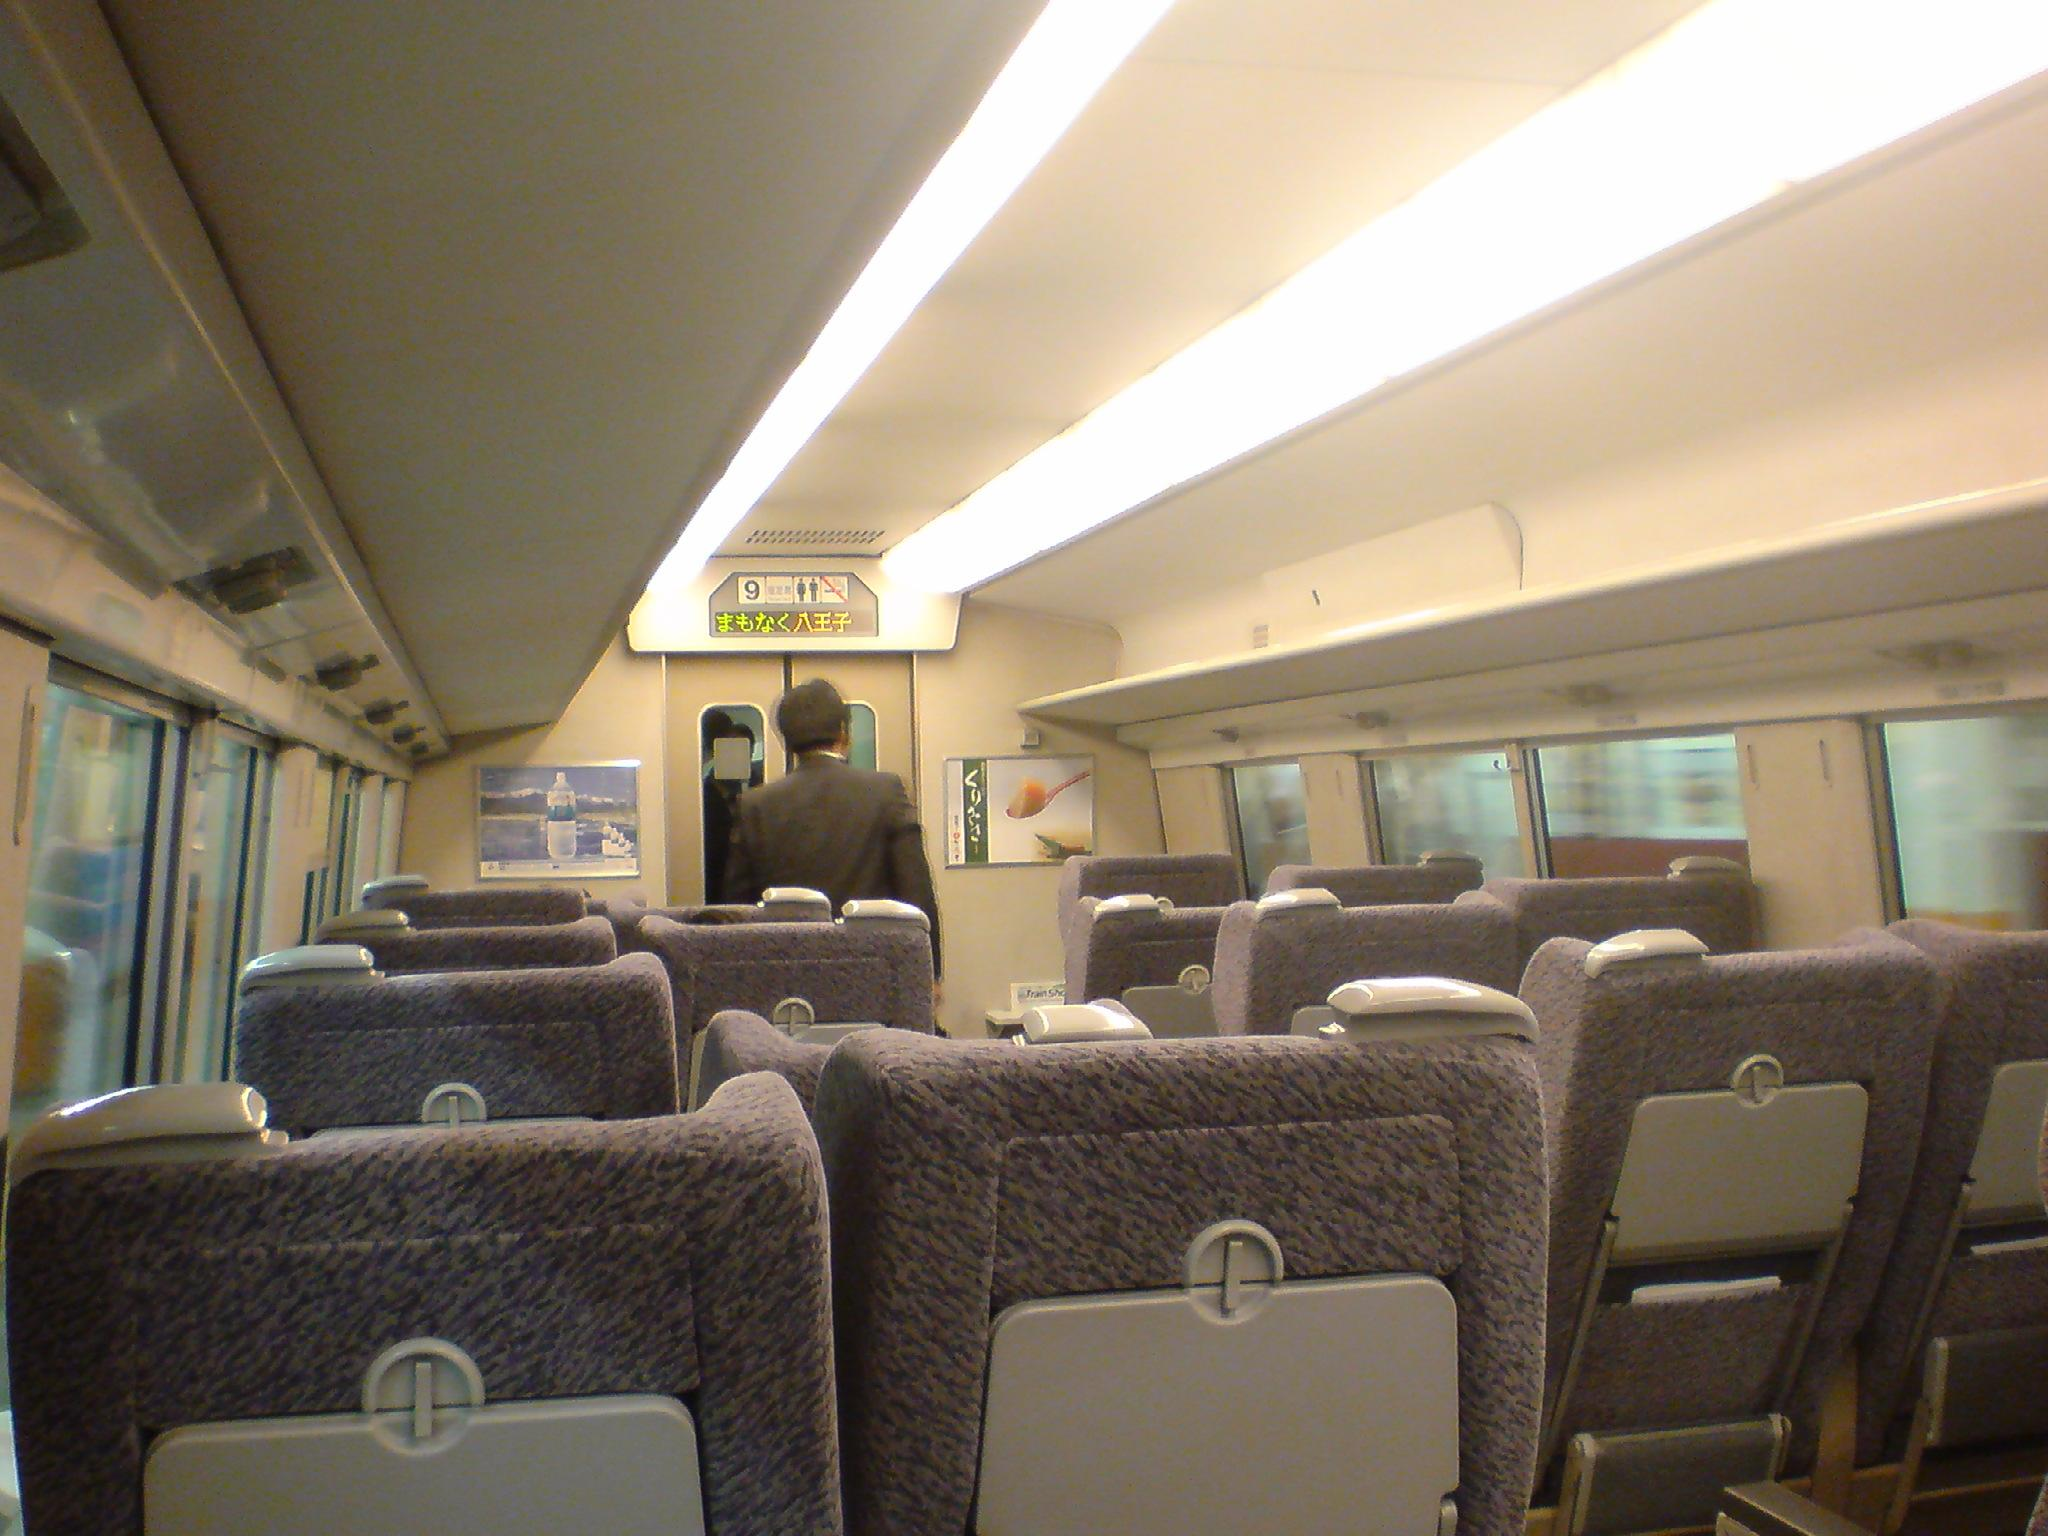 e351�������� rail